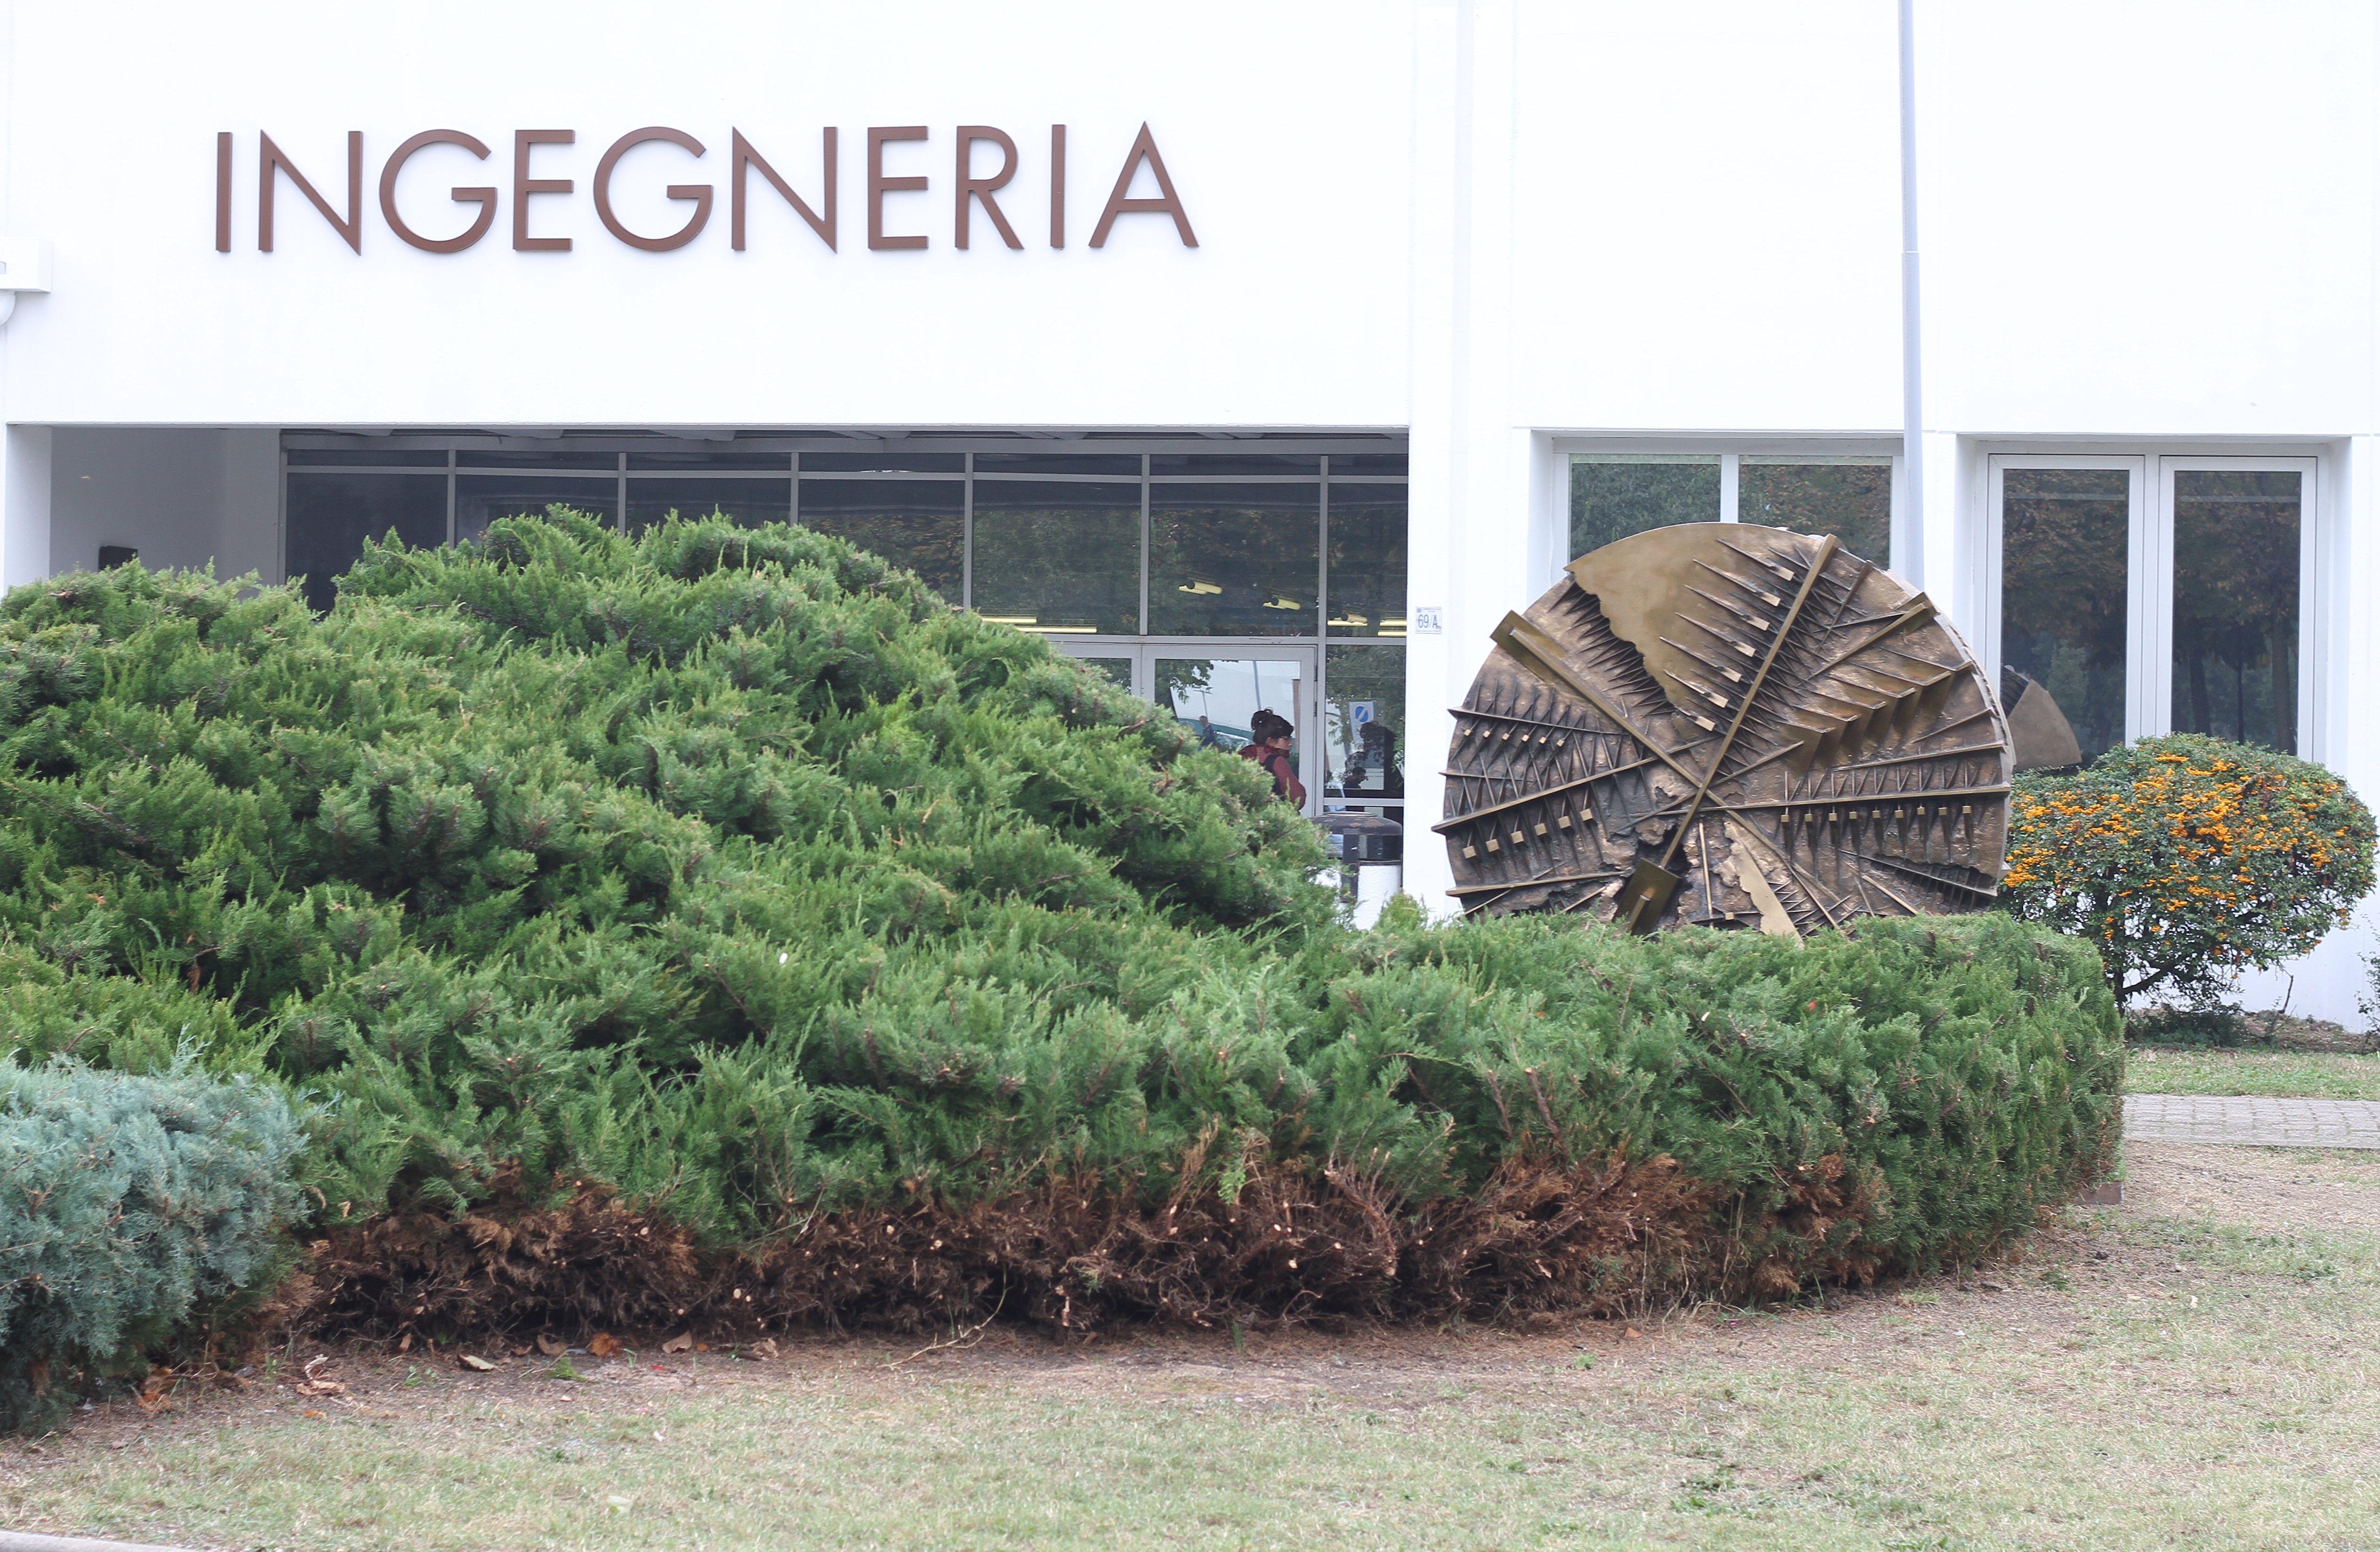 foto Luigi Boschi: Sede didattica Facoltà di Ingegneria di Parma